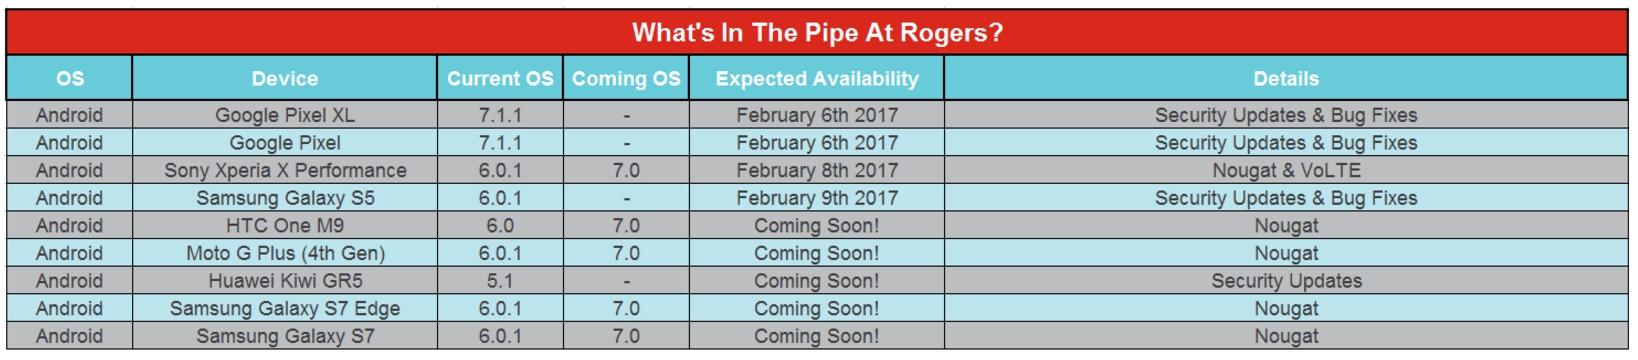 Rogers February Update Schedule